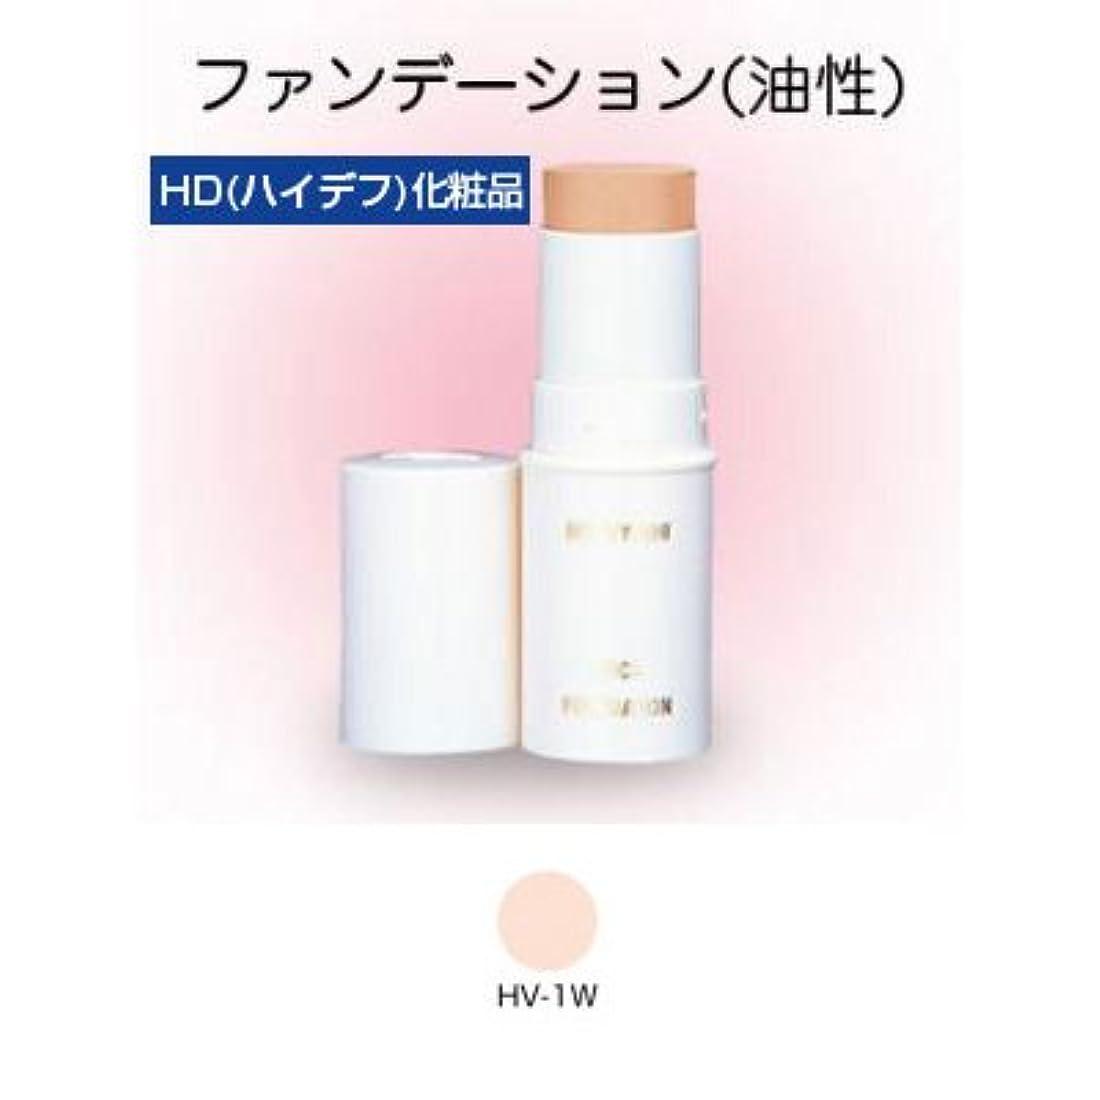 グリル規制北方スティックファンデーション HD化粧品 17g 1W 【三善】